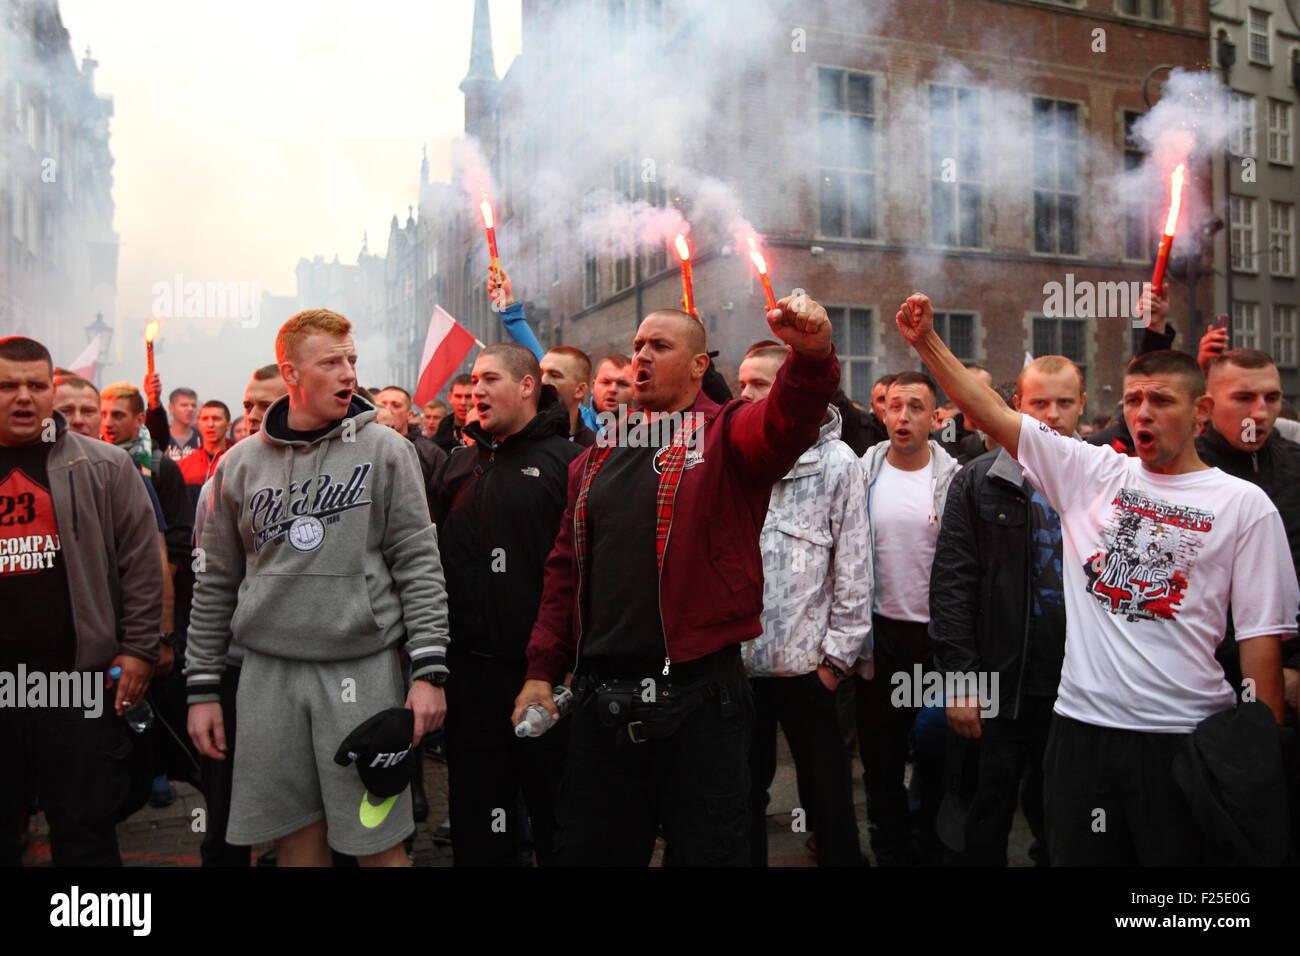 GDANSK, POLAND - SEPTEMBER 12: Members of far-right ...